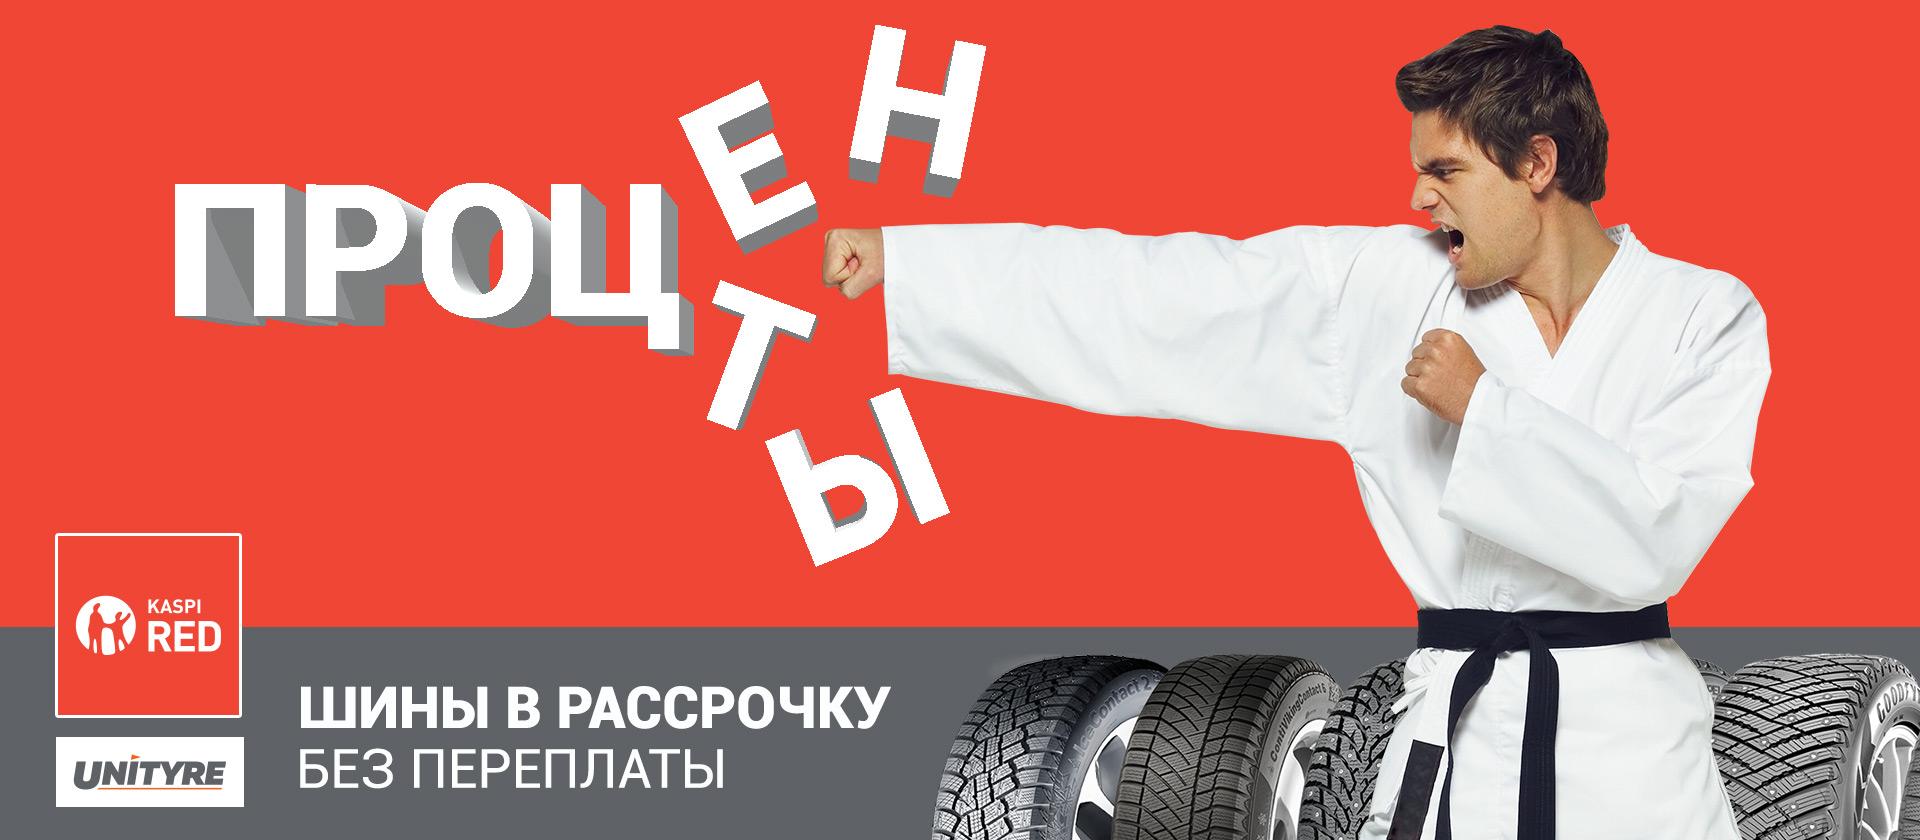 Купить шины в рассрочку с Kaspi Red | Unityre.kz